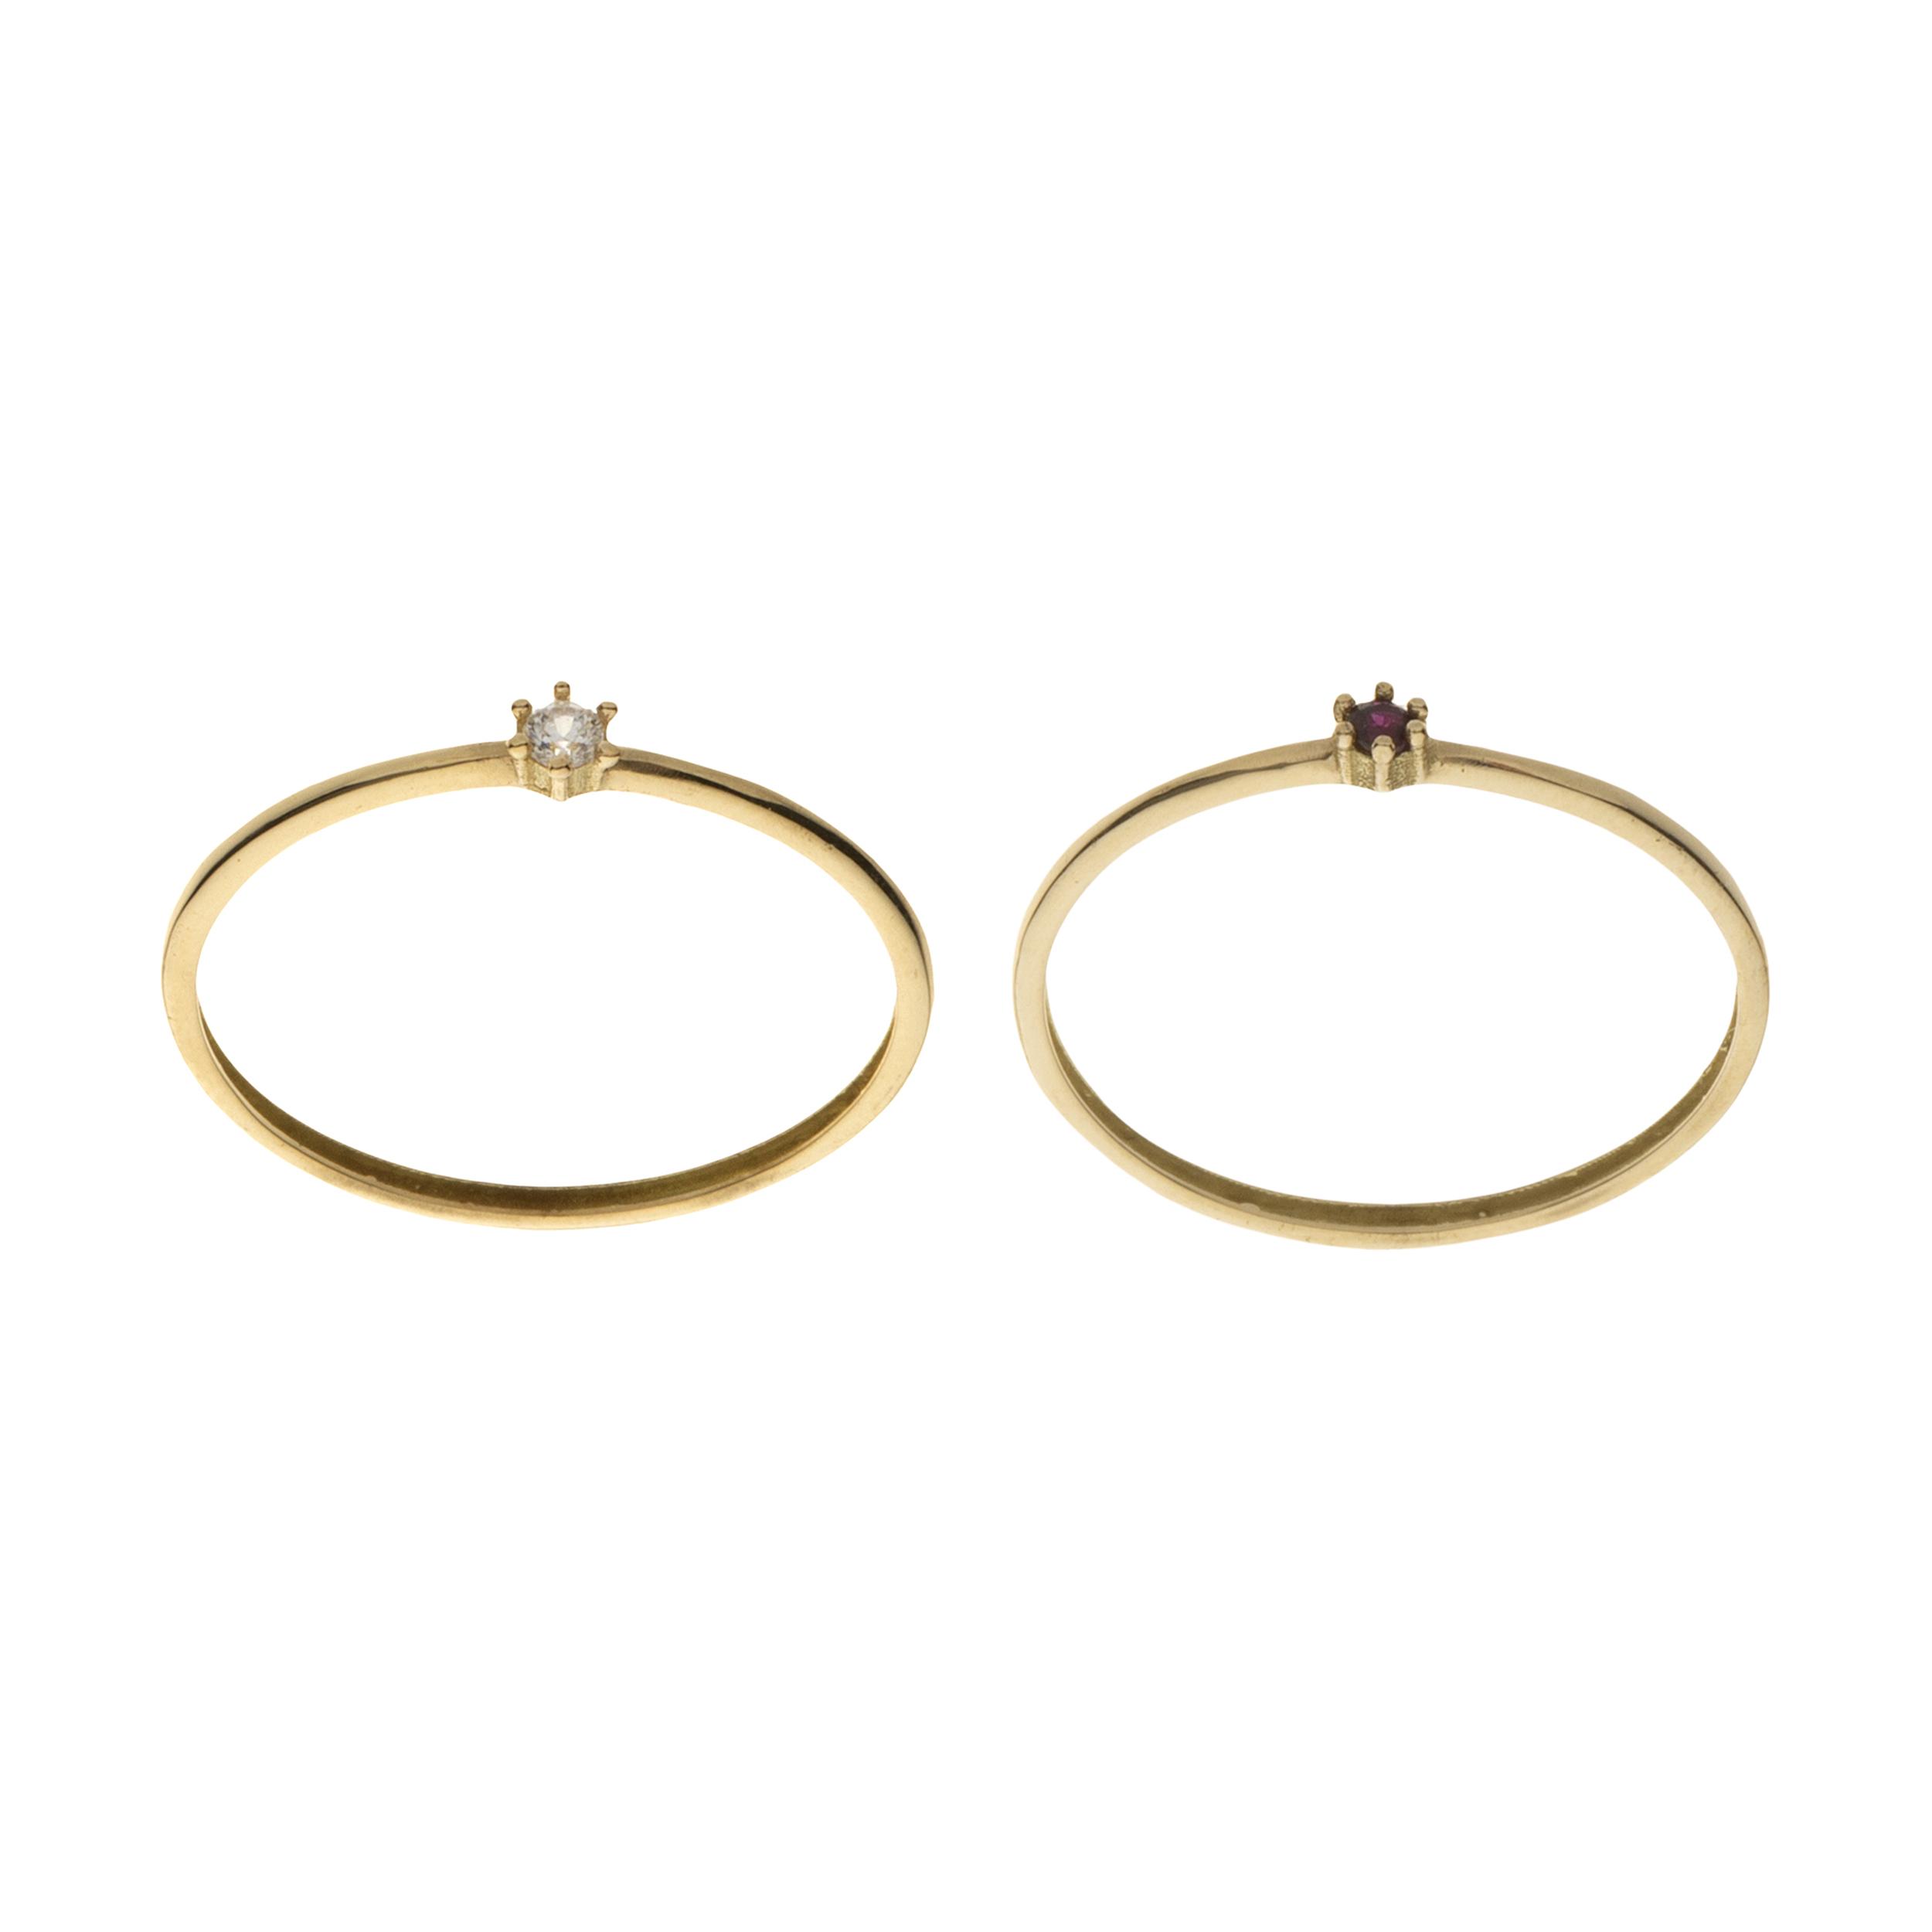 انگشتر طلا 18 عیار زنانه میو گلد مدل GD976-54 مجموعه 2 عددی